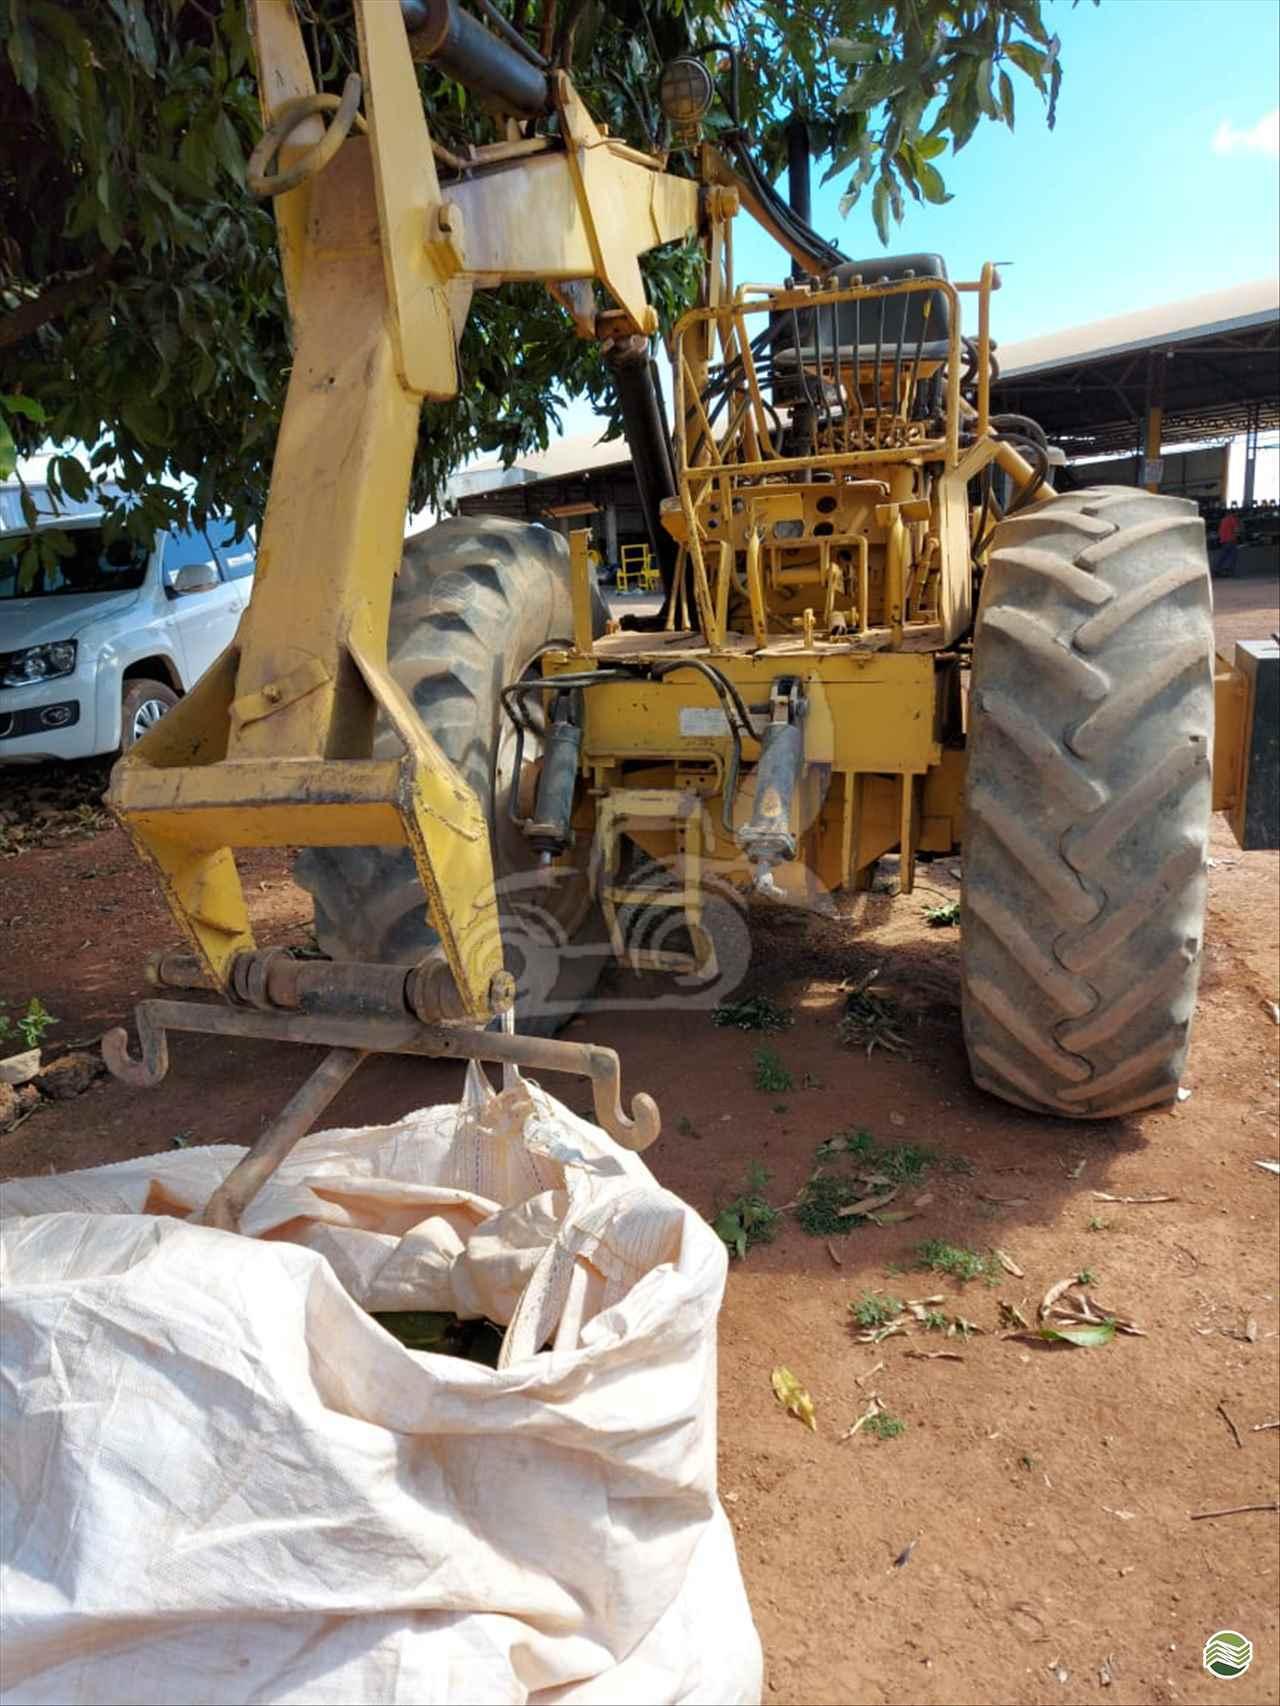 TRATOR CBT CBT 2105 Tração 4x2 EP Máquinas e Implementos Agrícolas CRISTALINA GOIAS GO